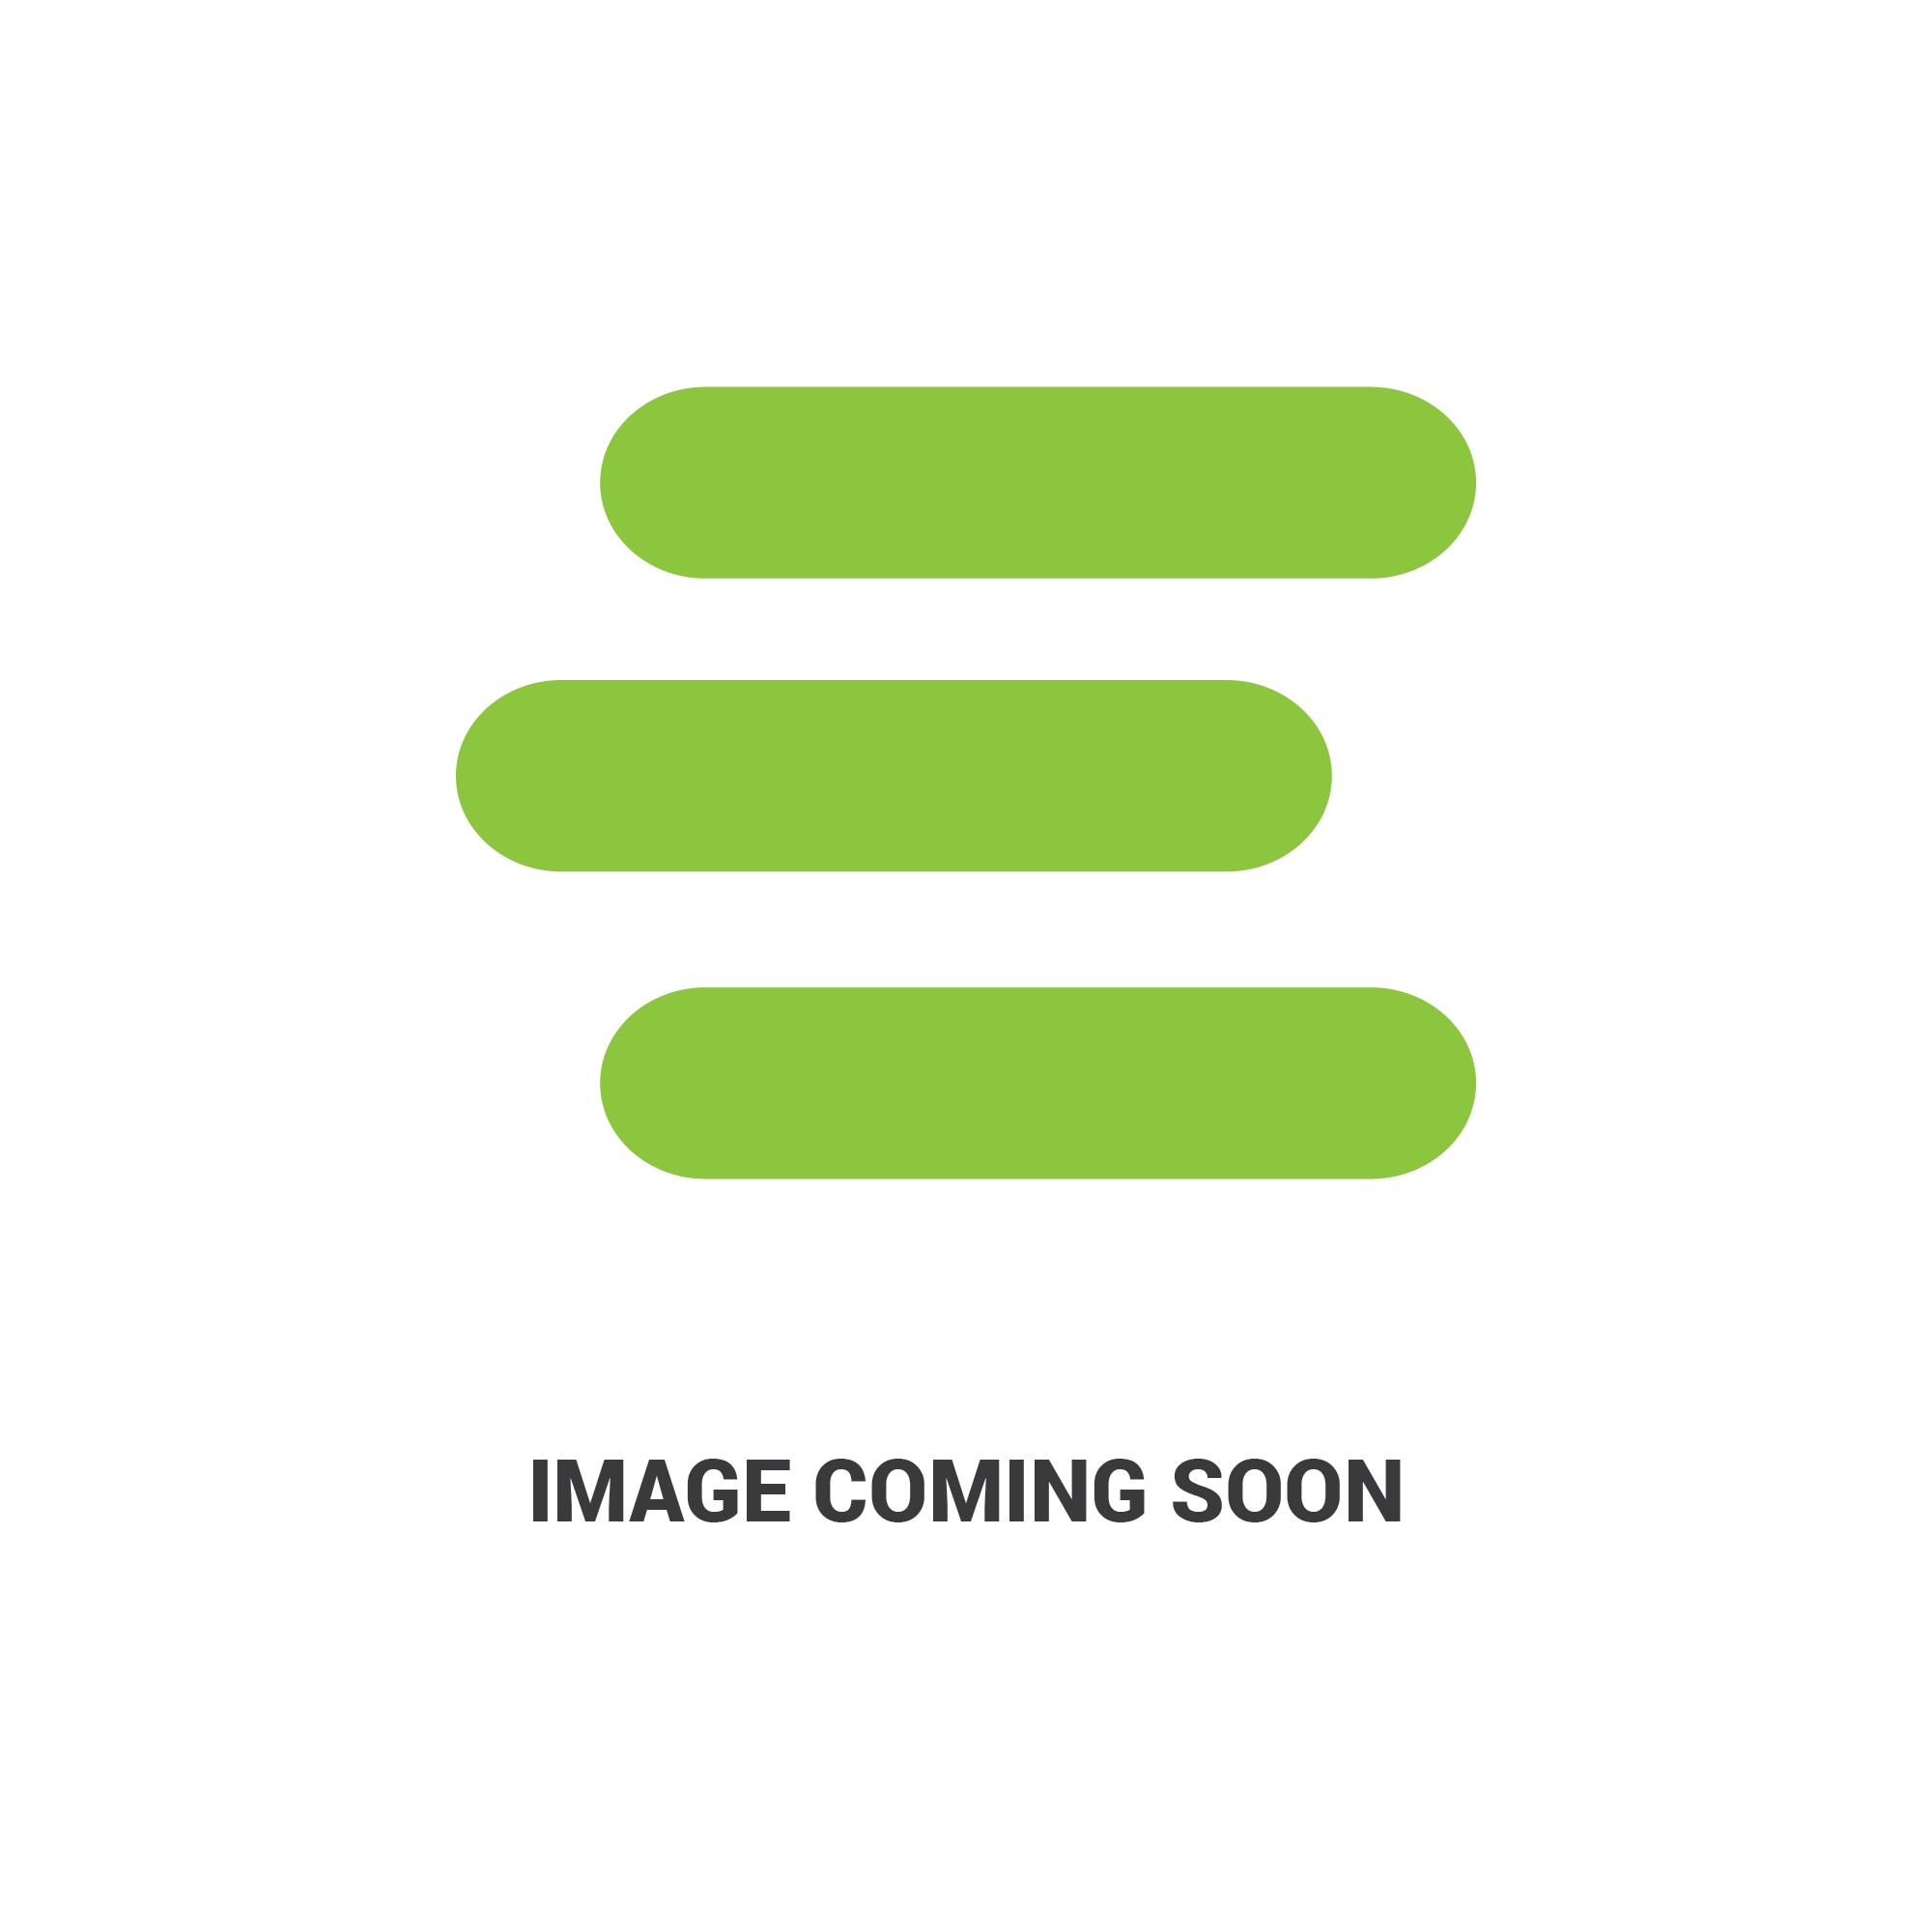 E-6A320-58862edit 266.jpg